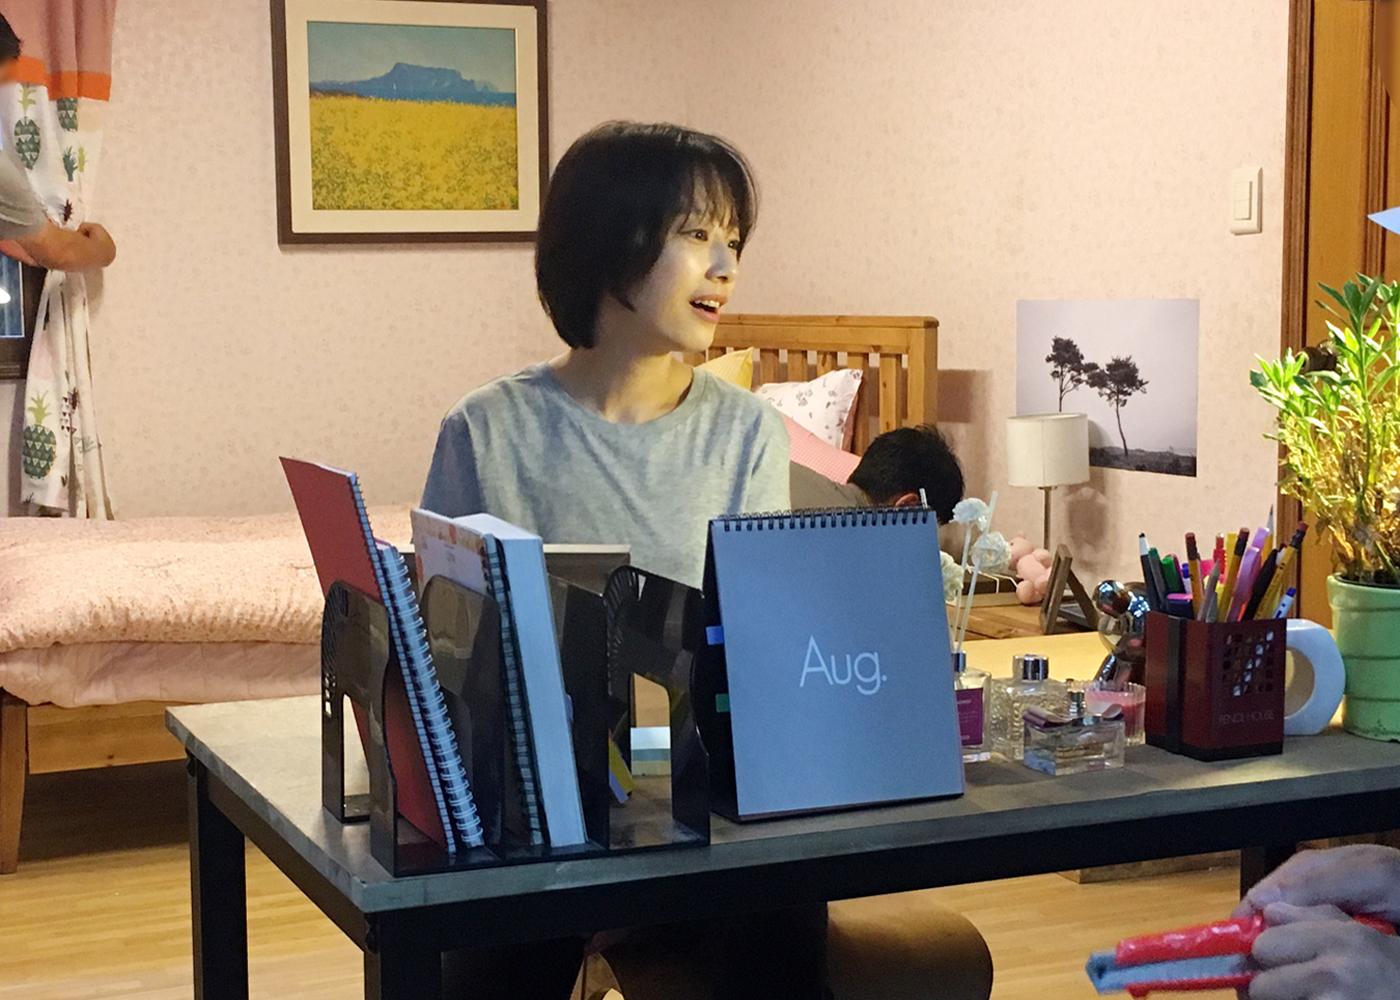 '친애하는 판사님께' 곽선영, 촬영장 밝히는 청초한 미모